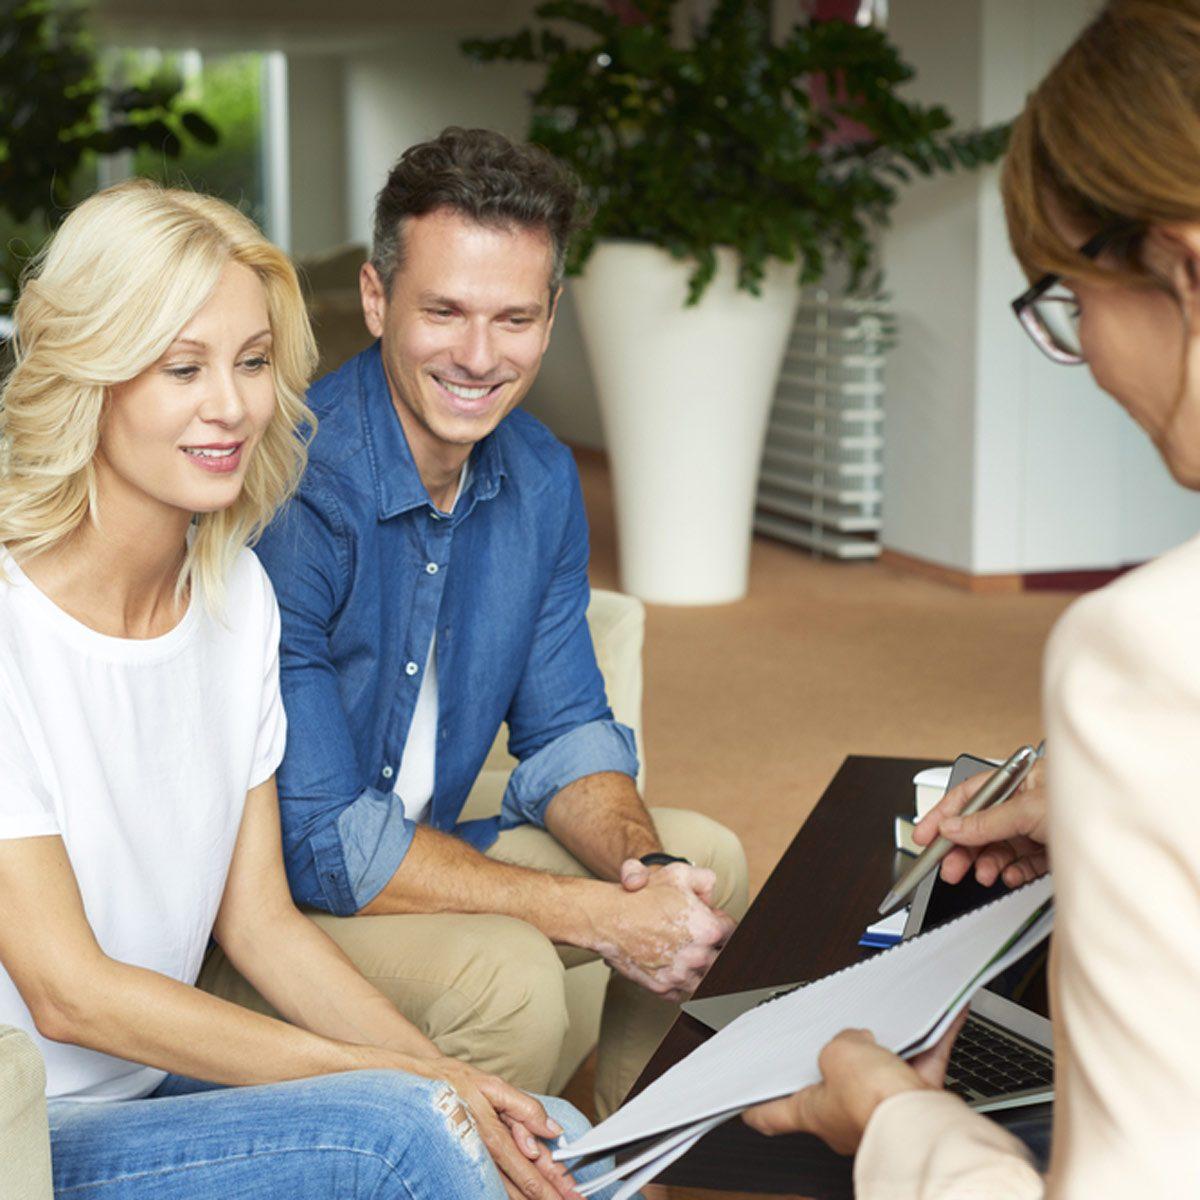 client discuss